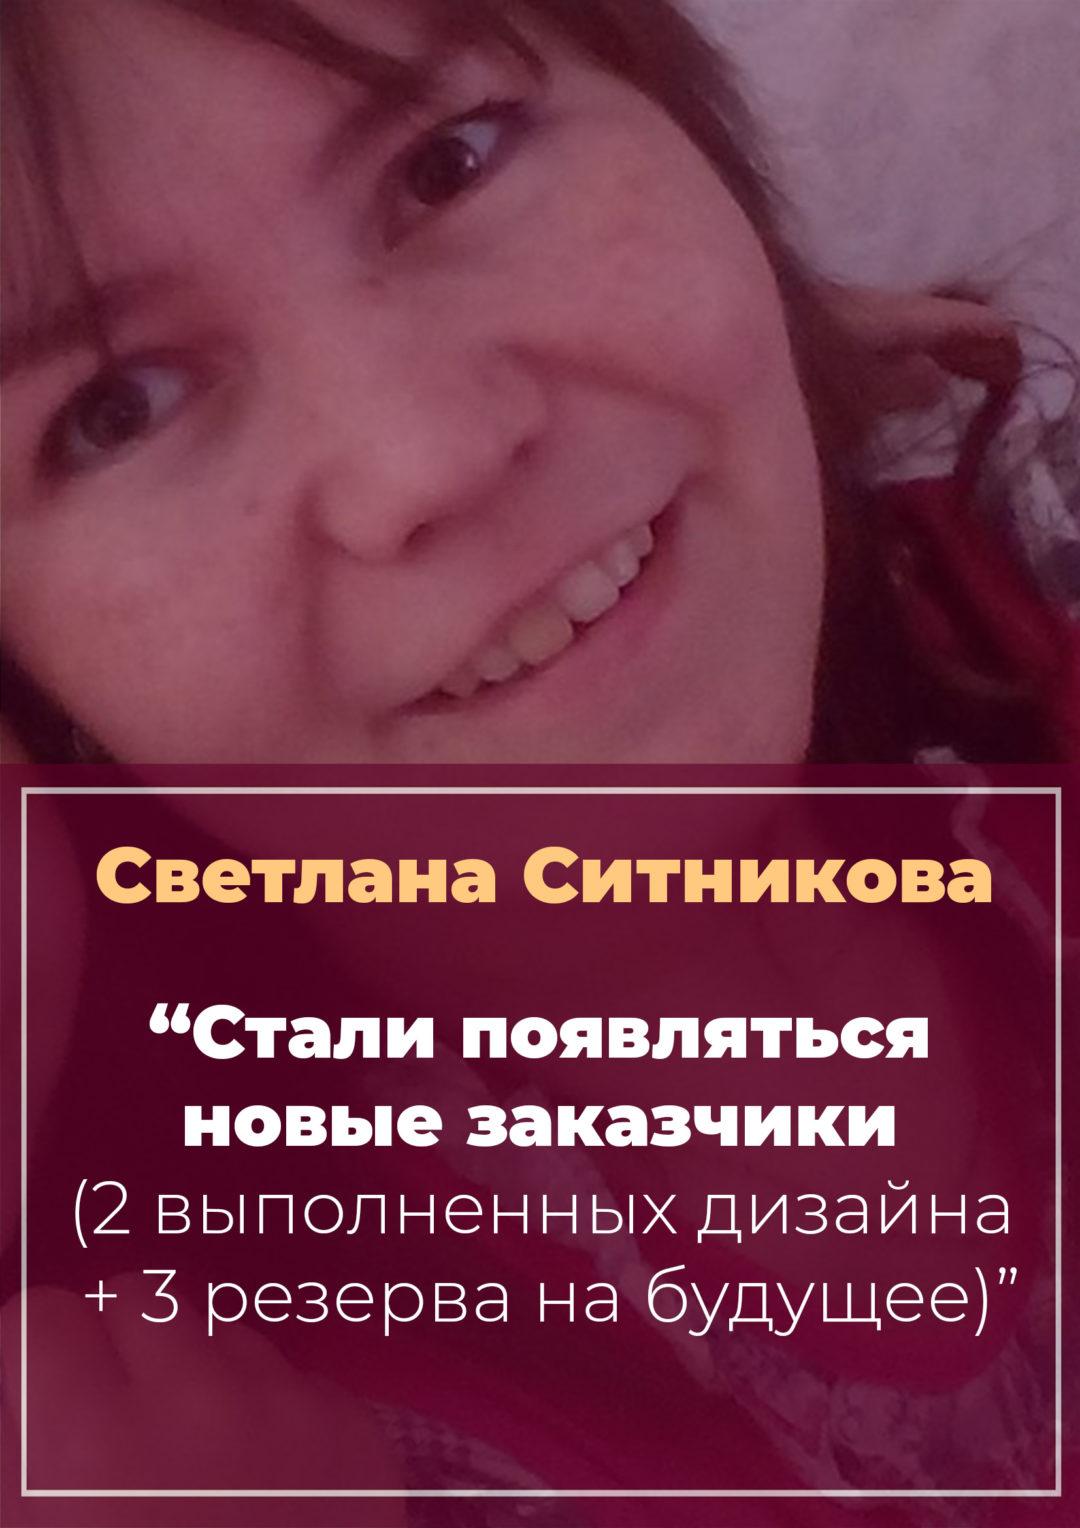 История Светланы Ситниковой